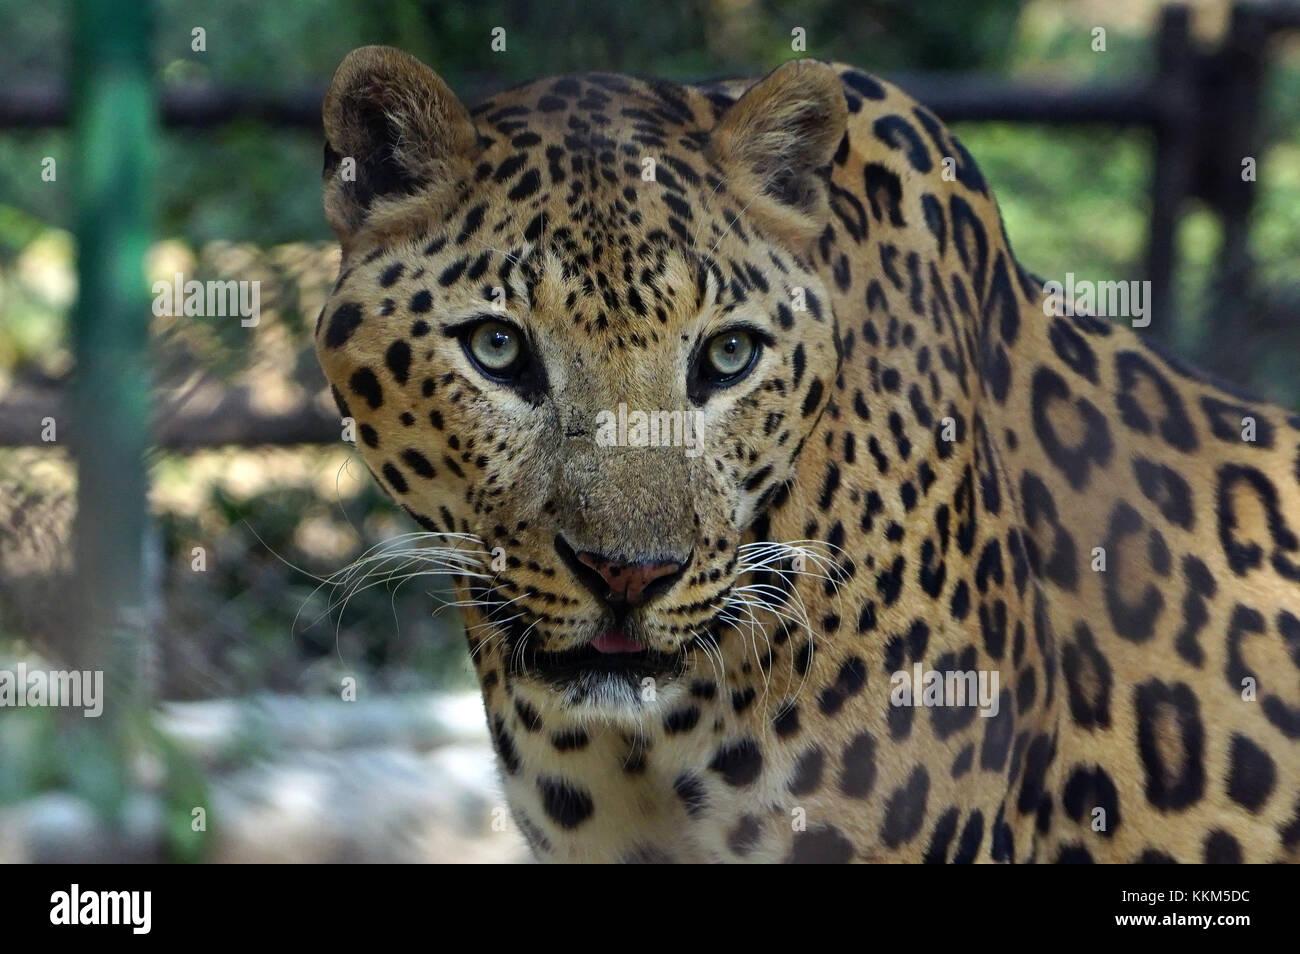 Un Jaguar à regarder caméra alors que c'était à l'intérieur de la cage. Banque D'Images